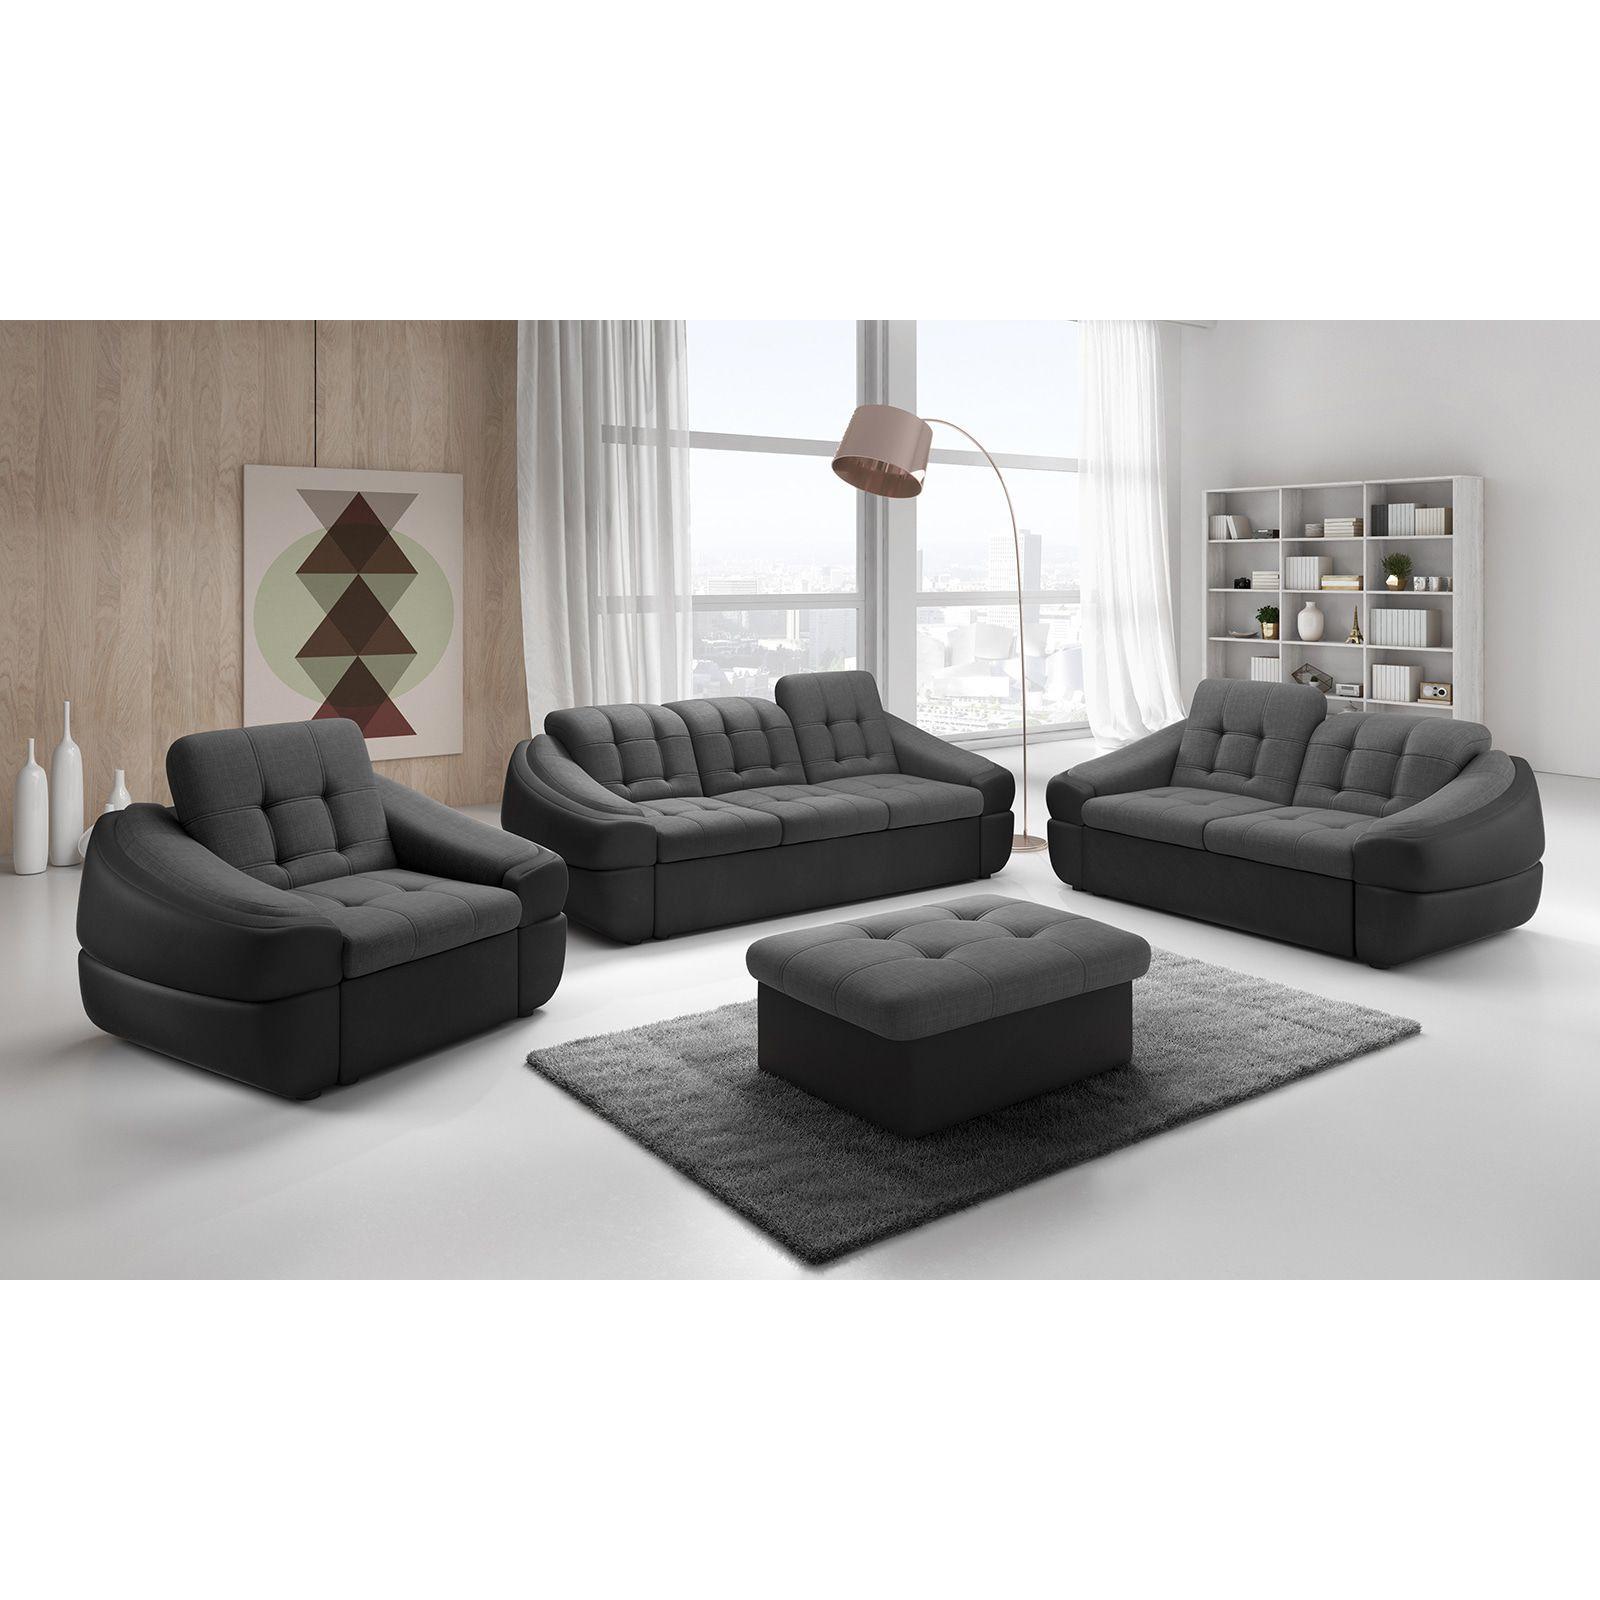 Salon Canapé 3 places ultra design en tissu gris foncé et